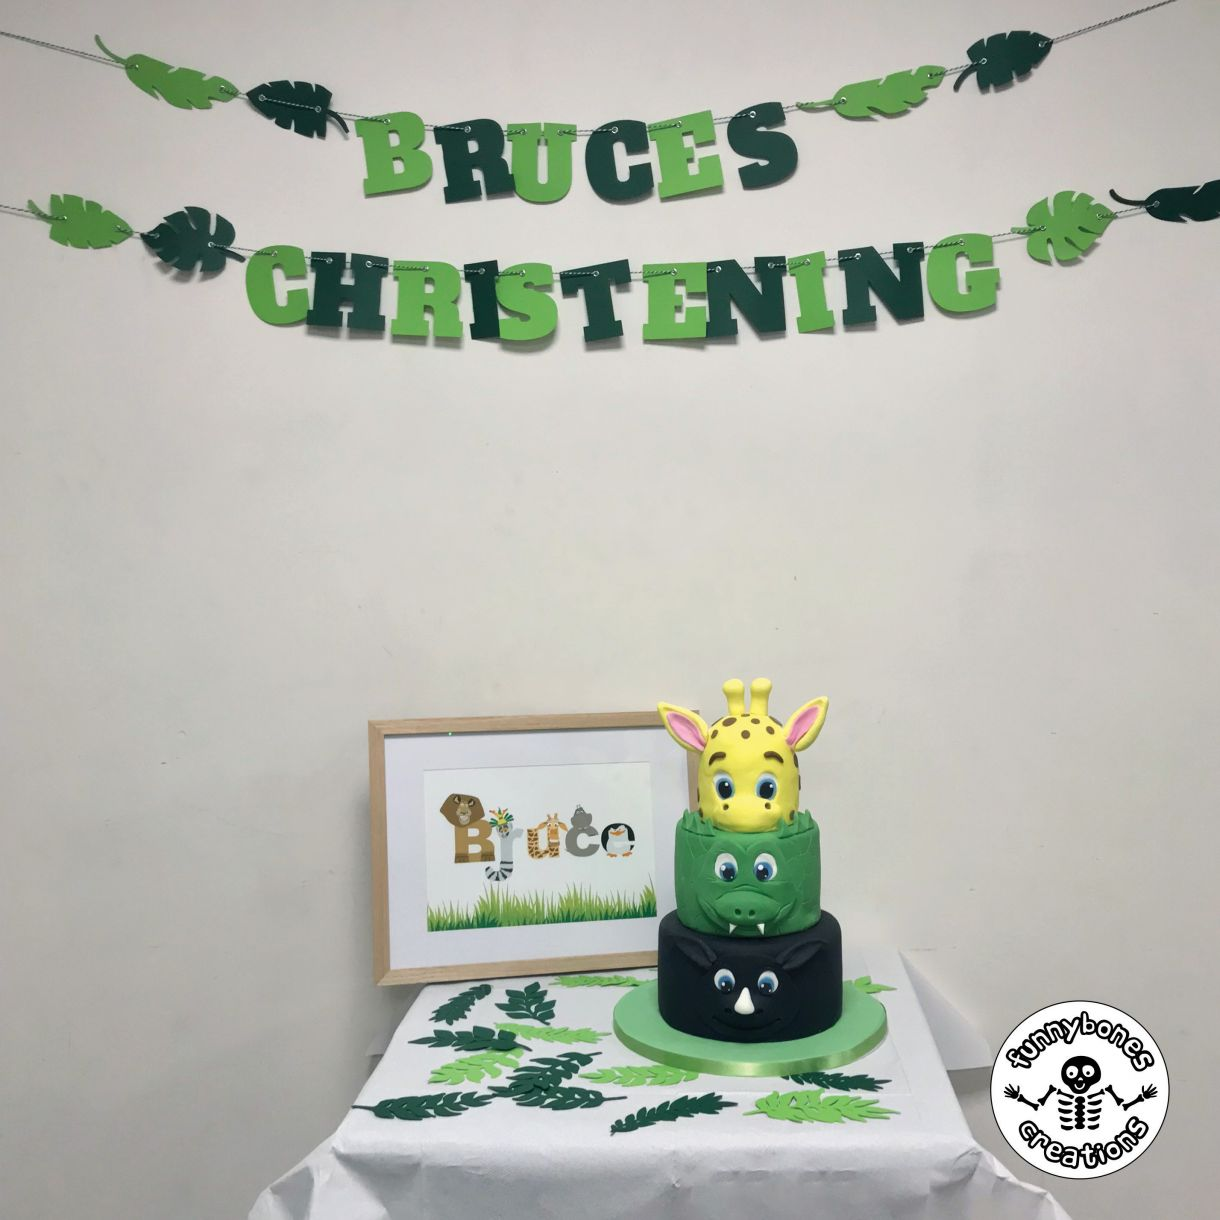 Christening bunting